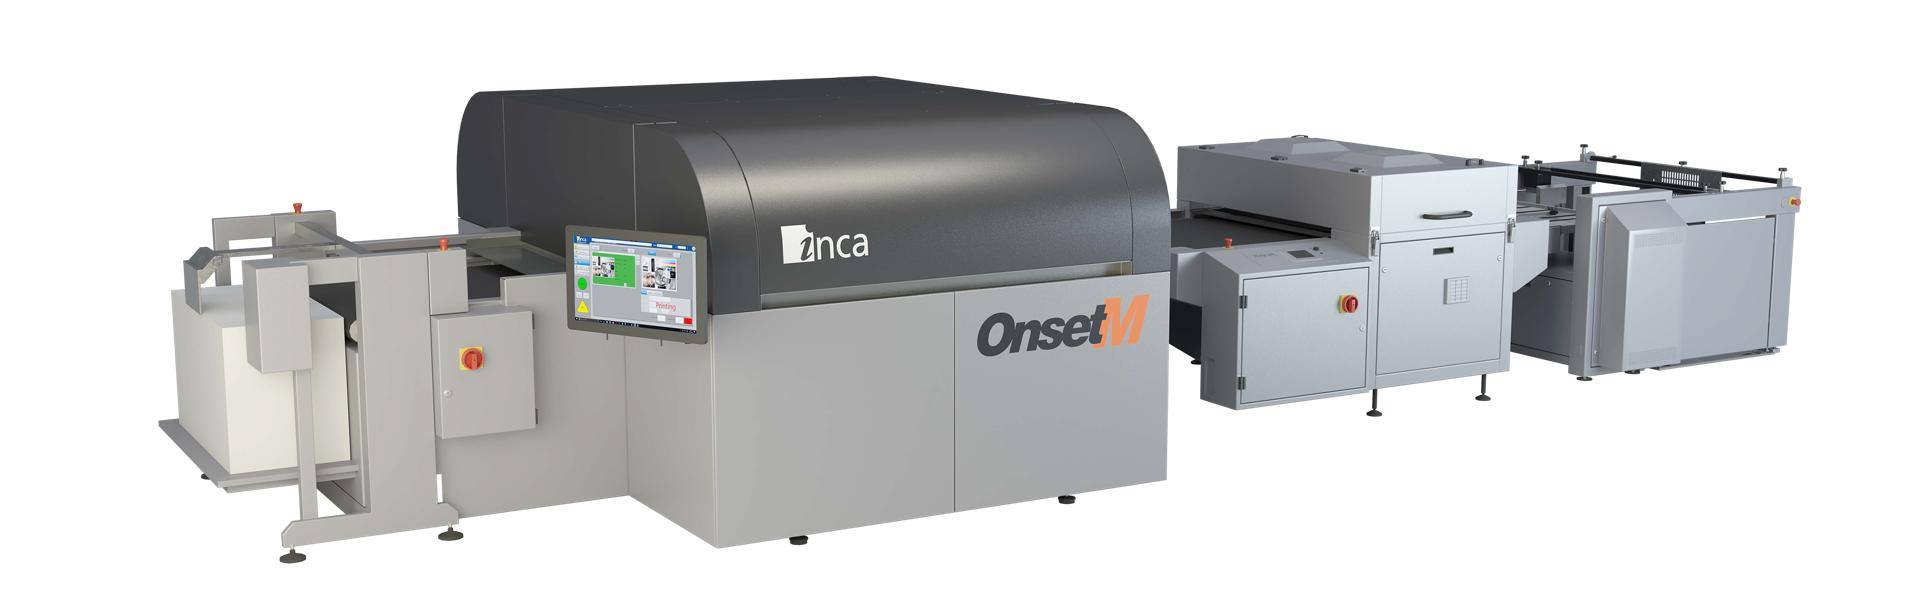 Onset-M Printer